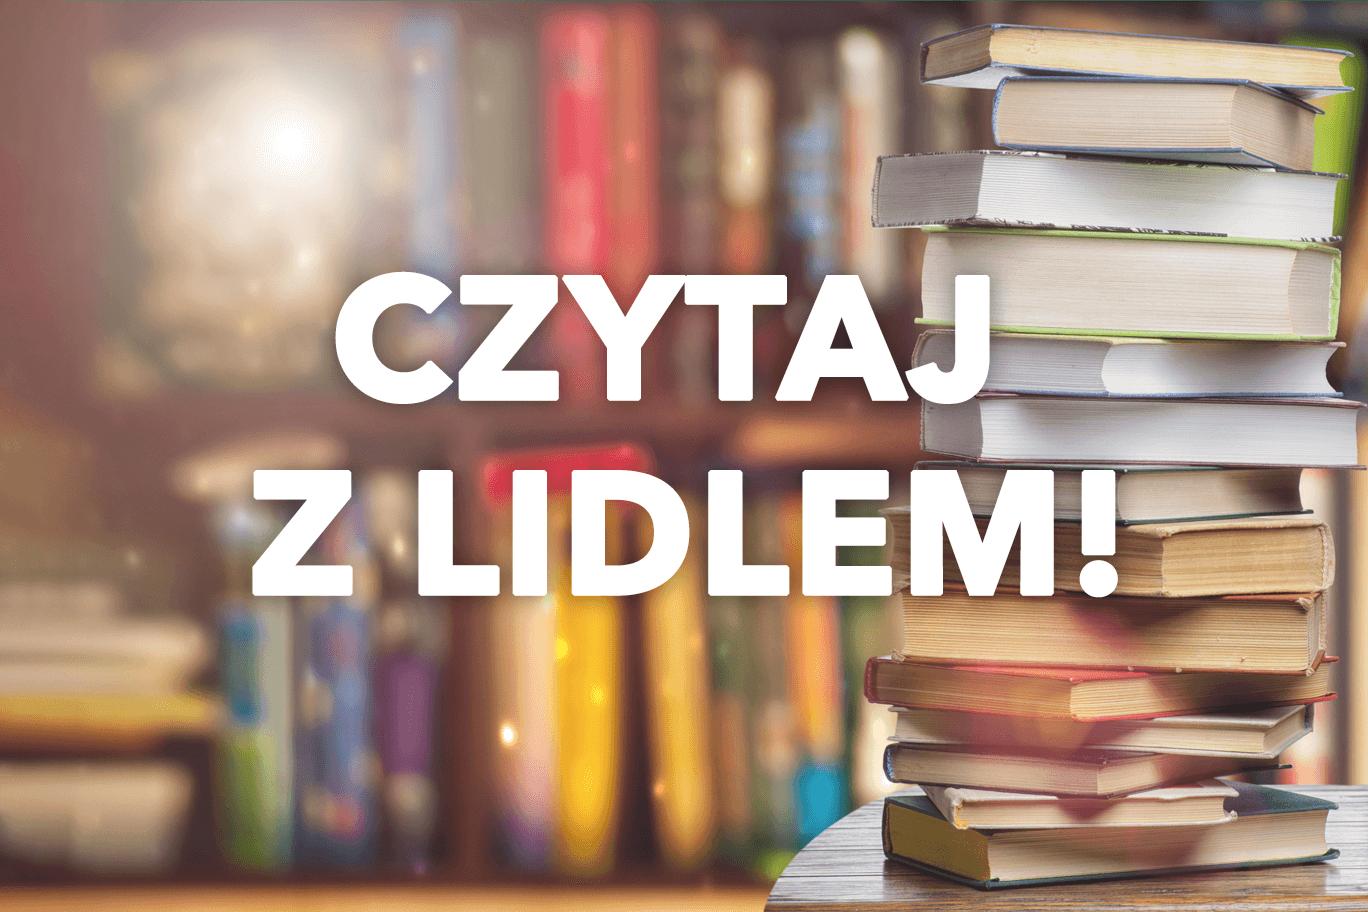 Księgarnia Lidla – najlepsze tytuły w najlepszych cenach